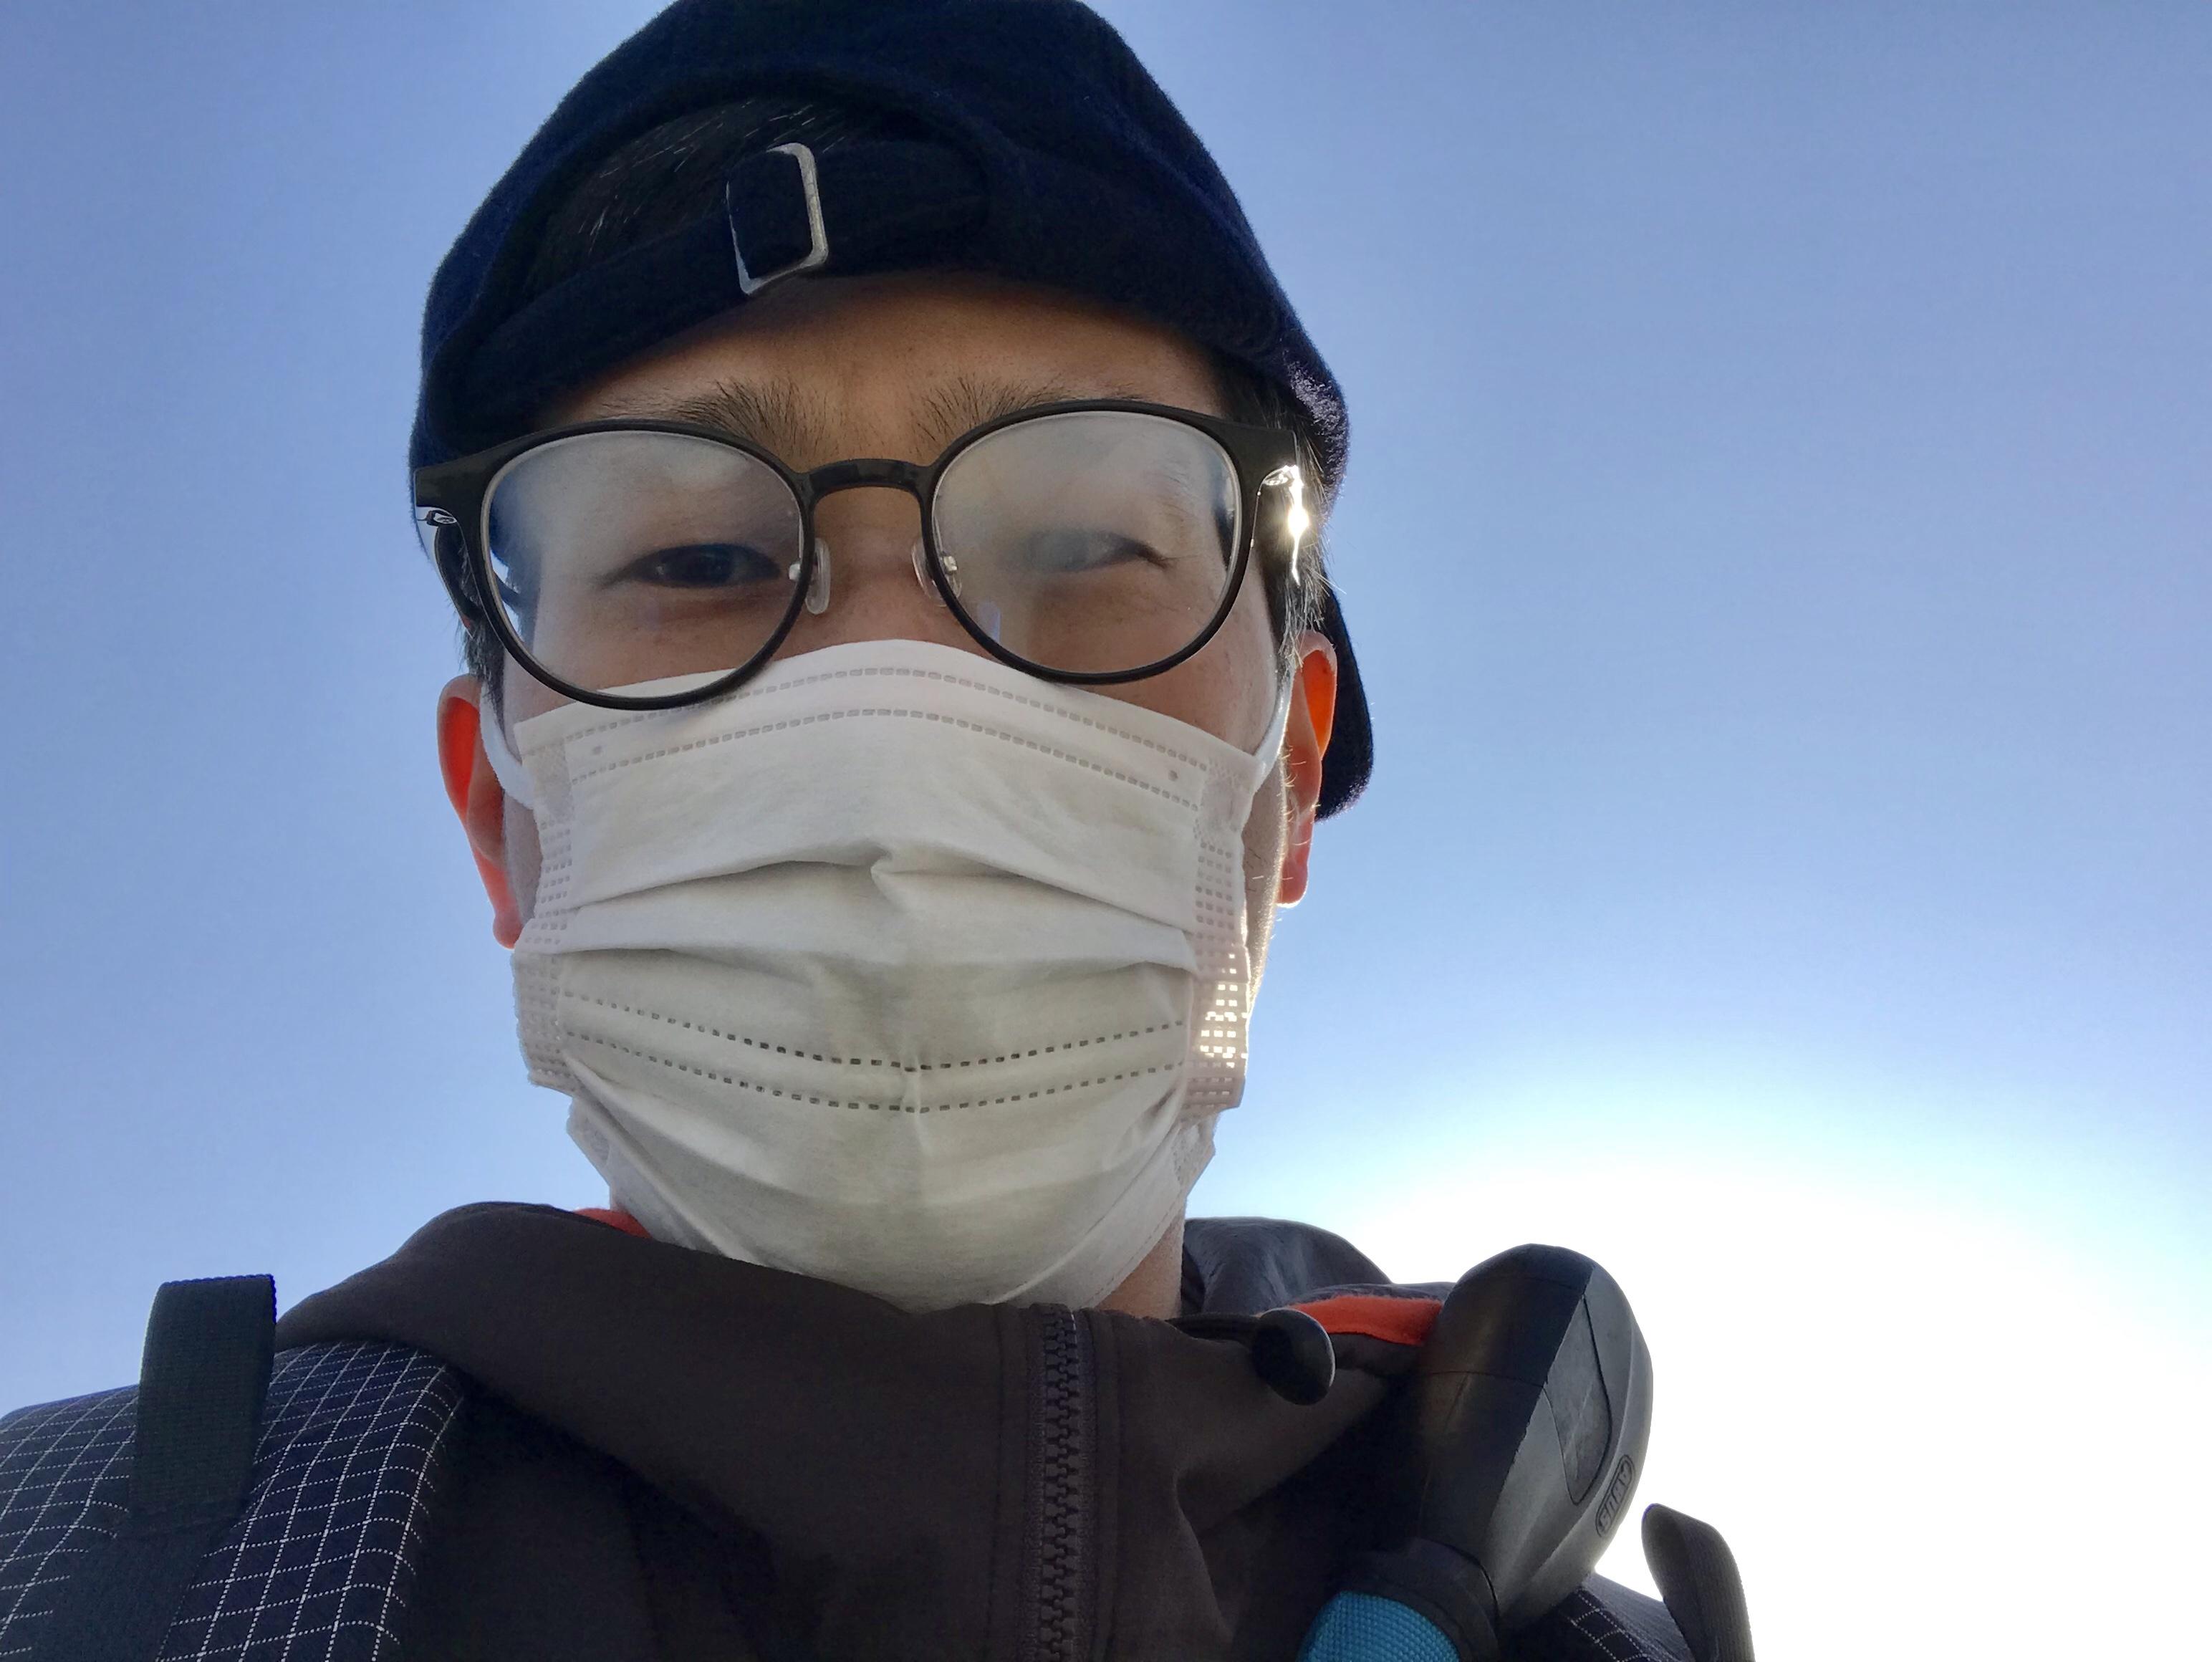 警視庁直伝マスクで眼鏡が曇らないようにする方法を実際にやってみ